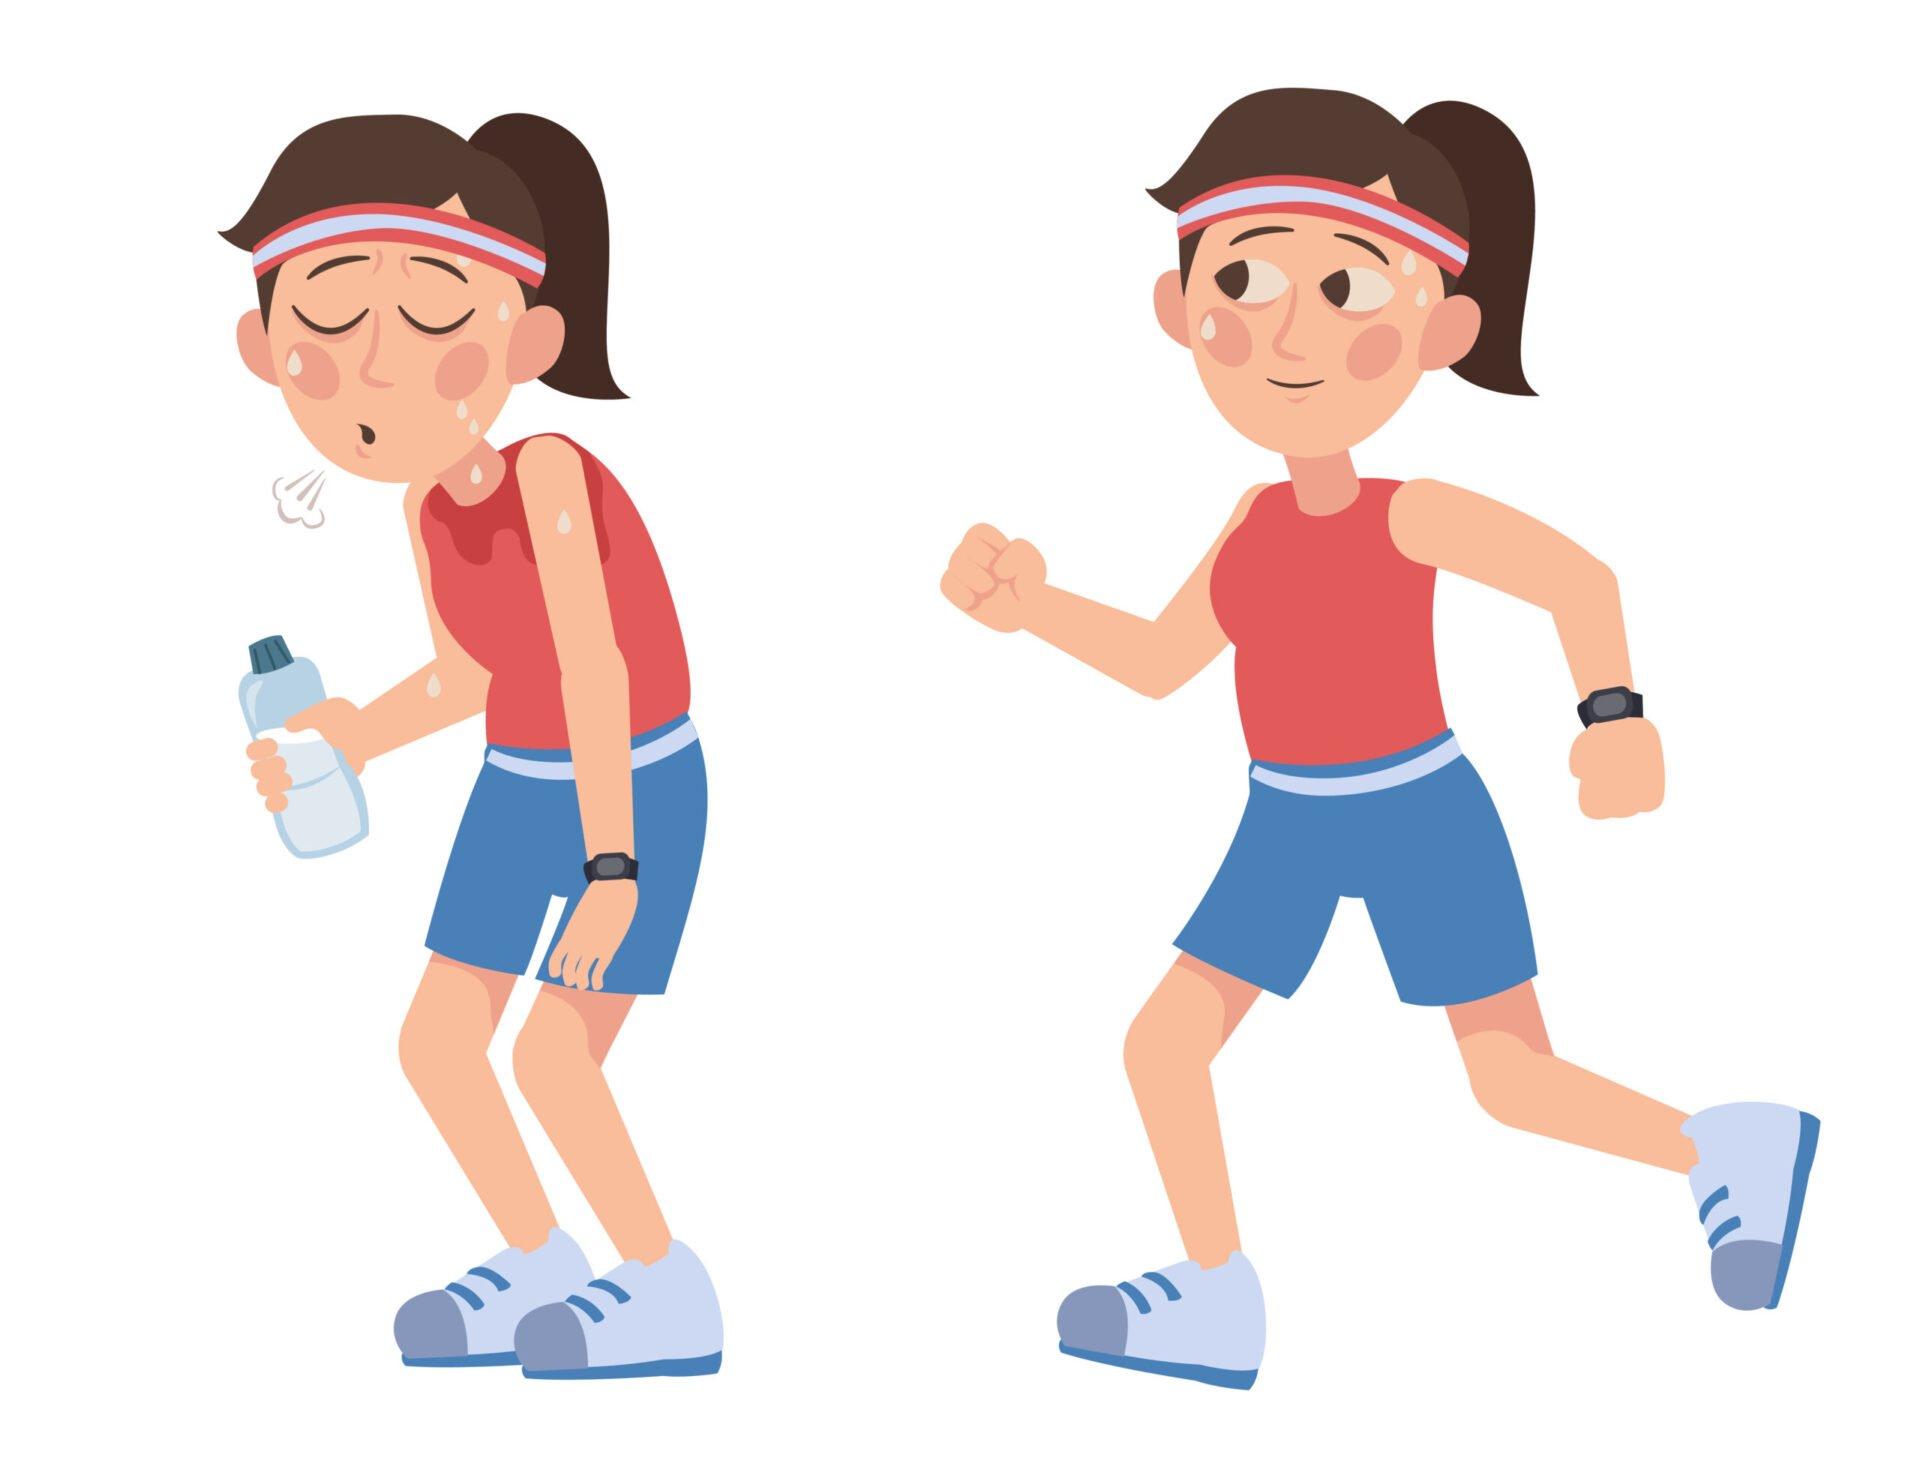 Dacă obosești să alergi, ia o pauză sau mergi în ritm alert